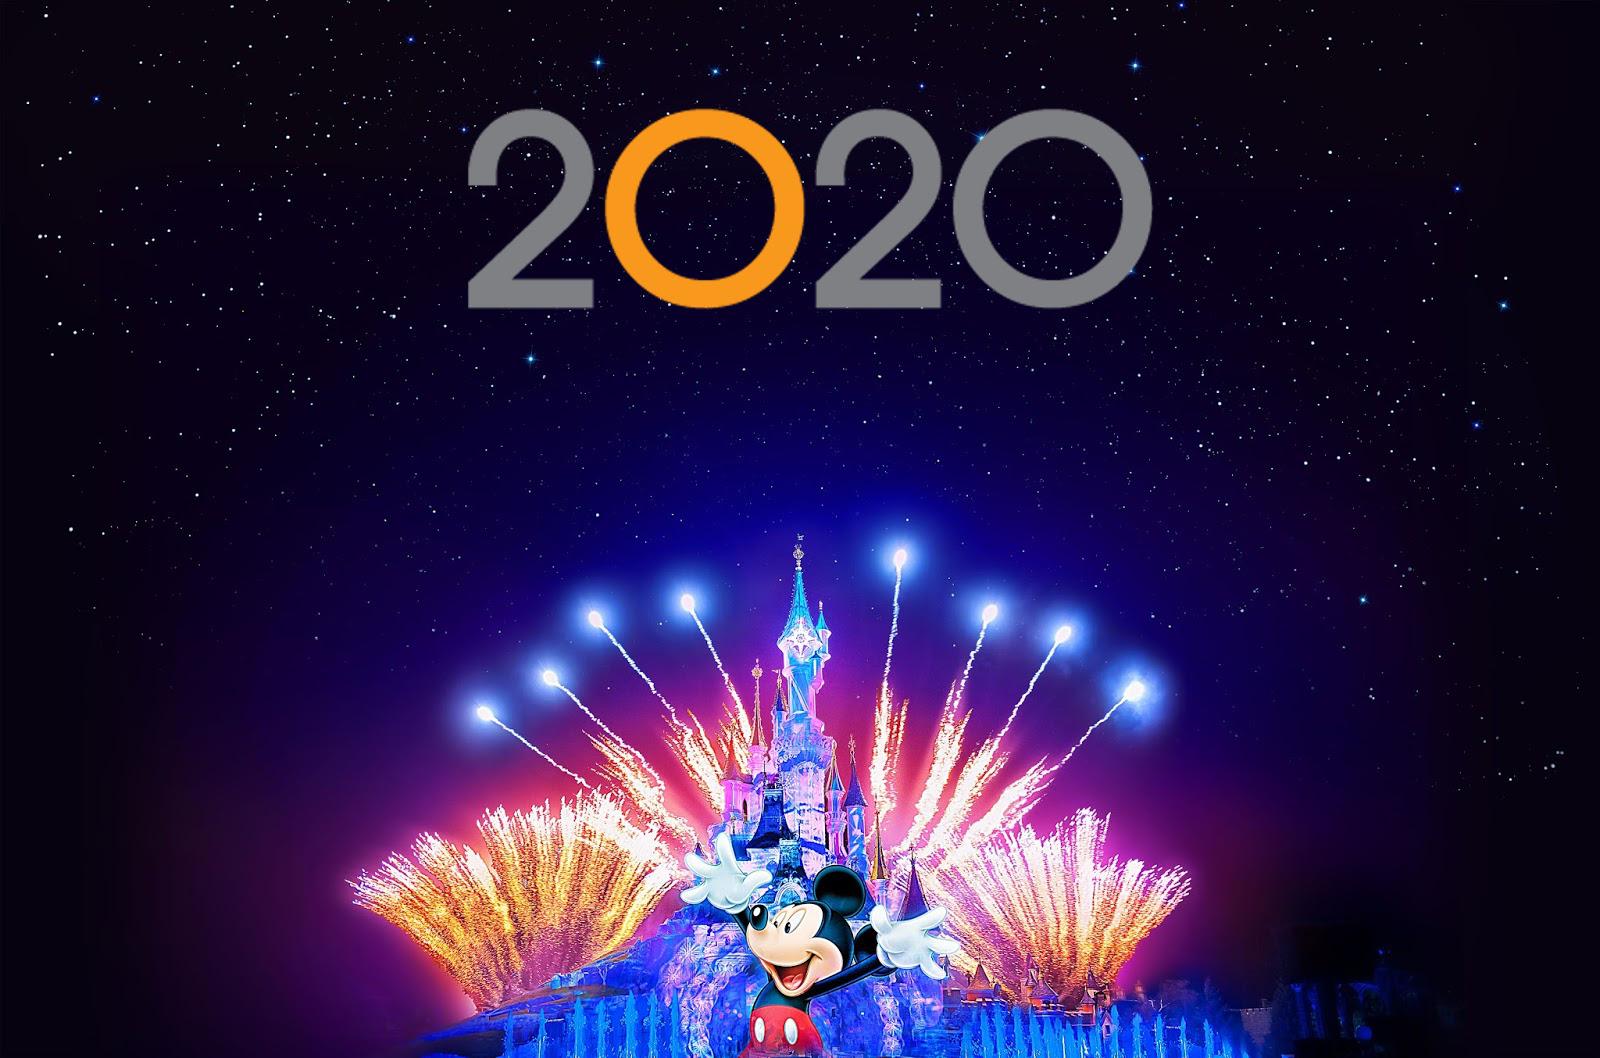 tmp_15922-DisneyIlluminationsMickey-337695009.jpg